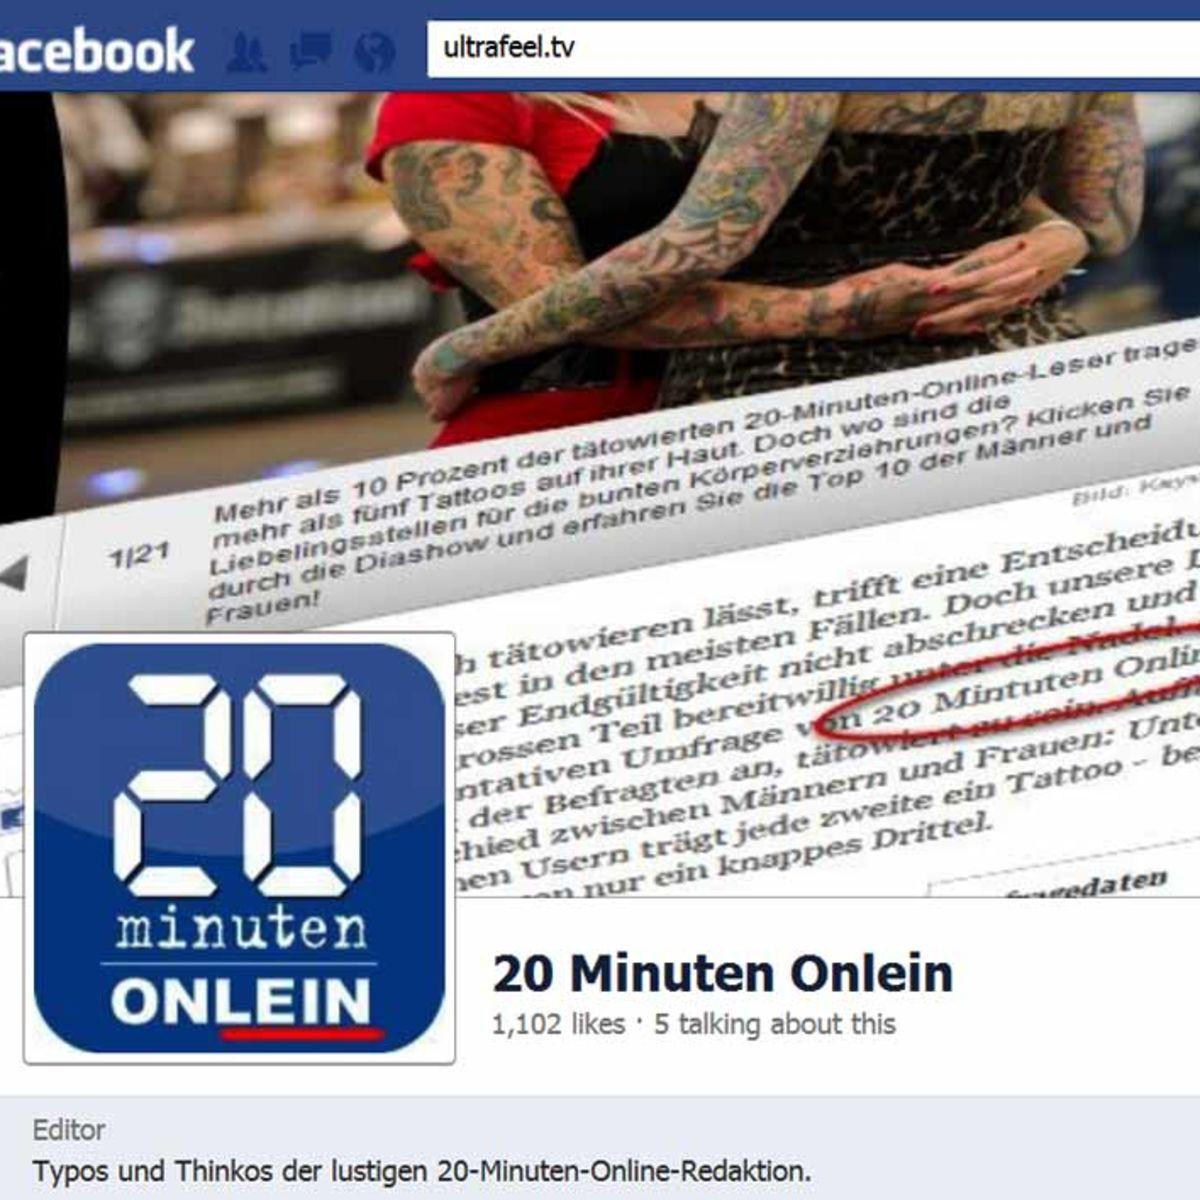 20 Minuten Onlein Online